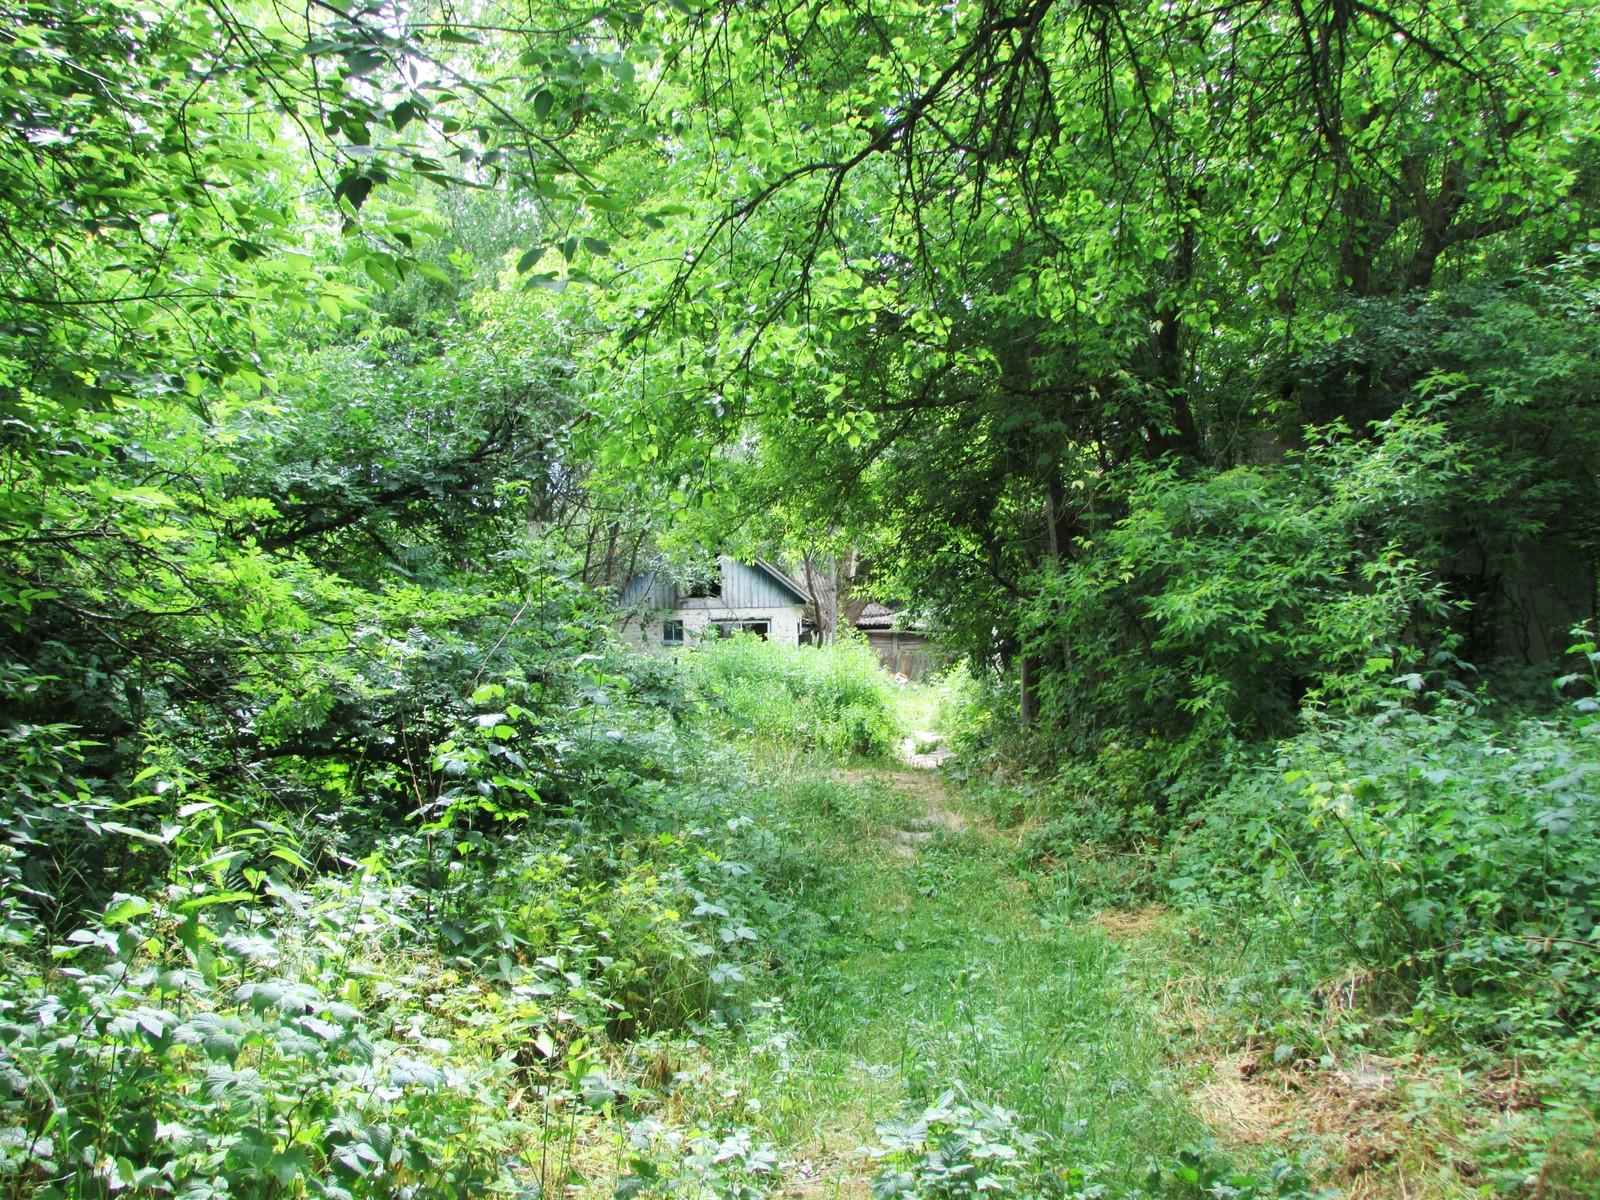 Mellom trærne i Zalissia ser man noen av de overvokste boligene der rundt 3000 mennesker hadde sine hjem